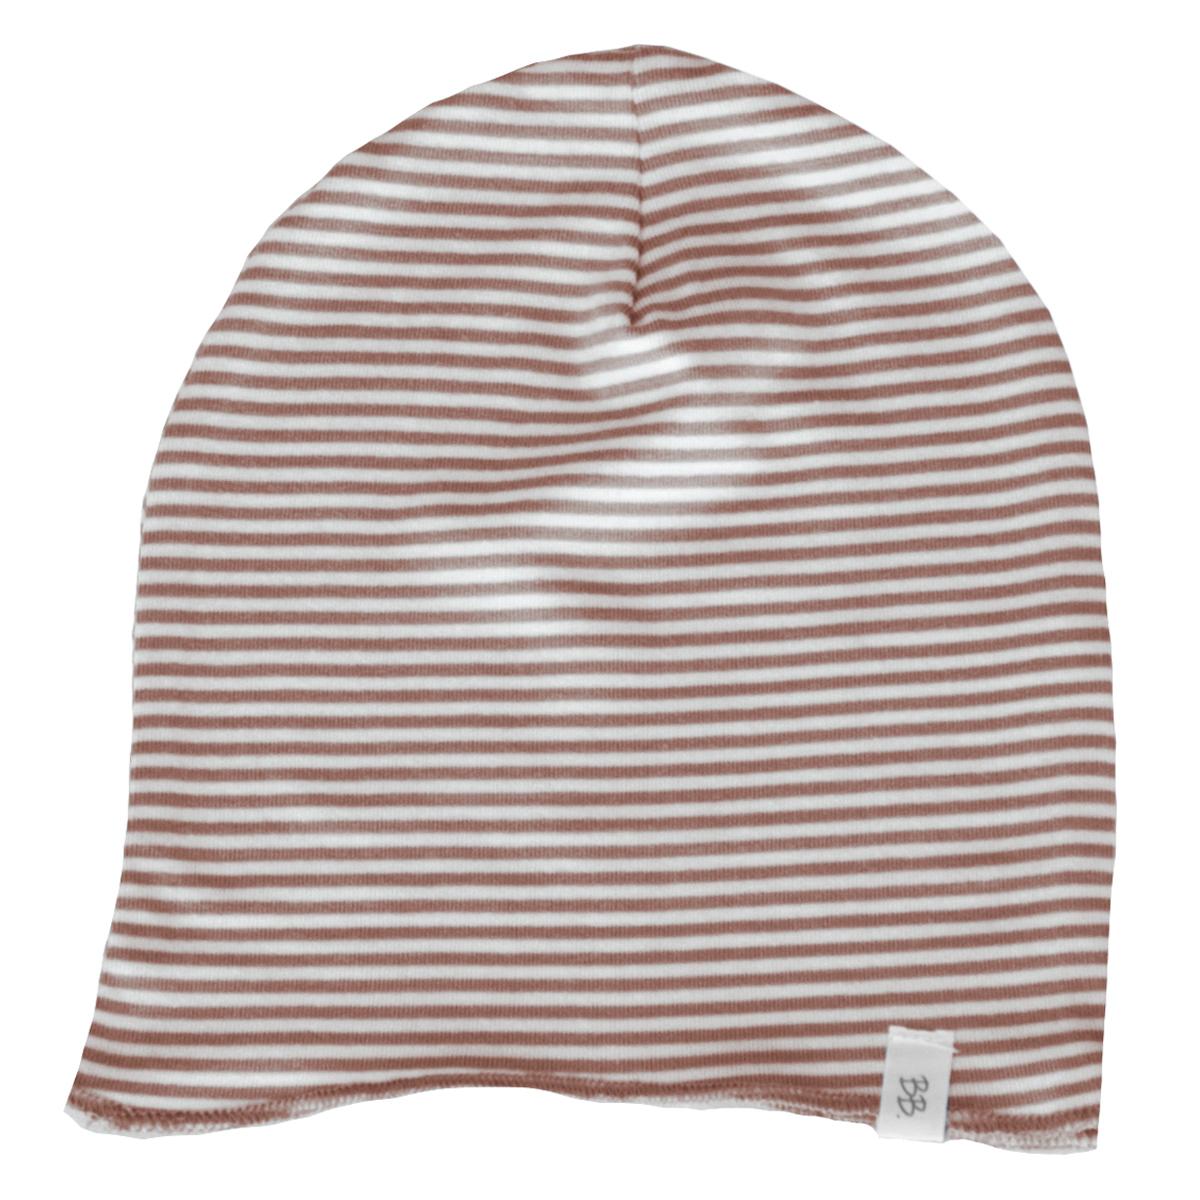 Accessoires bébé Bonnet de Naissance Milleraies Rose - Taille M Bonnet de Naissance Milleraies Rose - Taille M